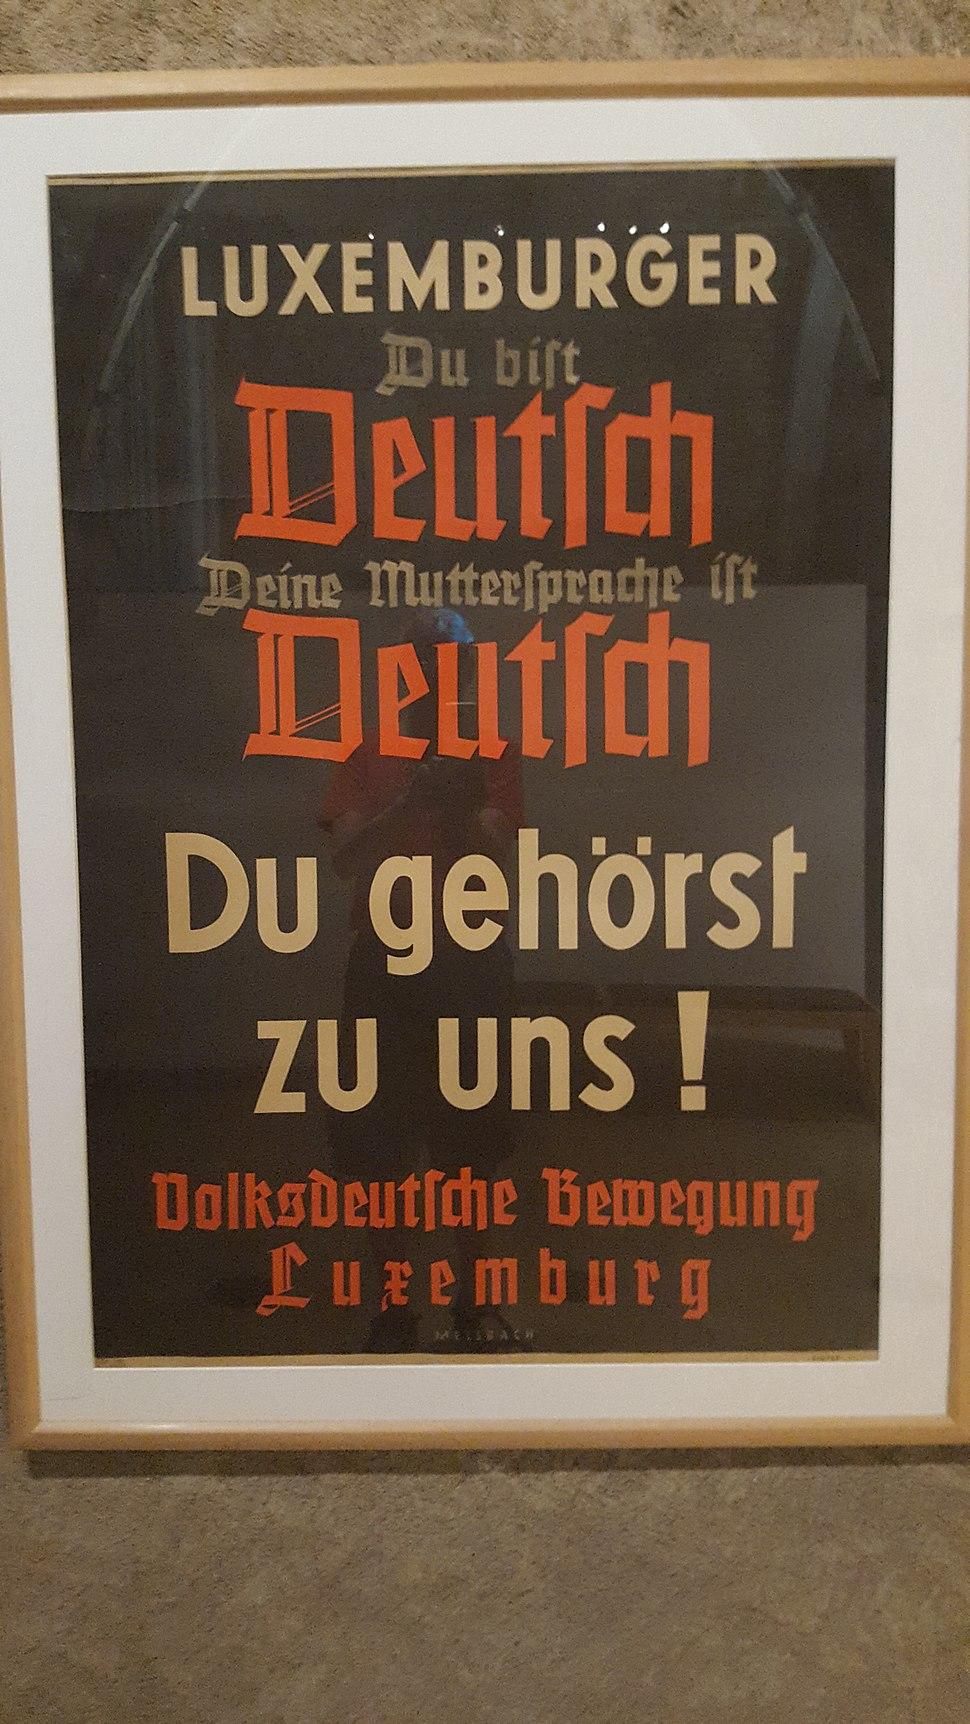 Luxemburger du bist Deutch